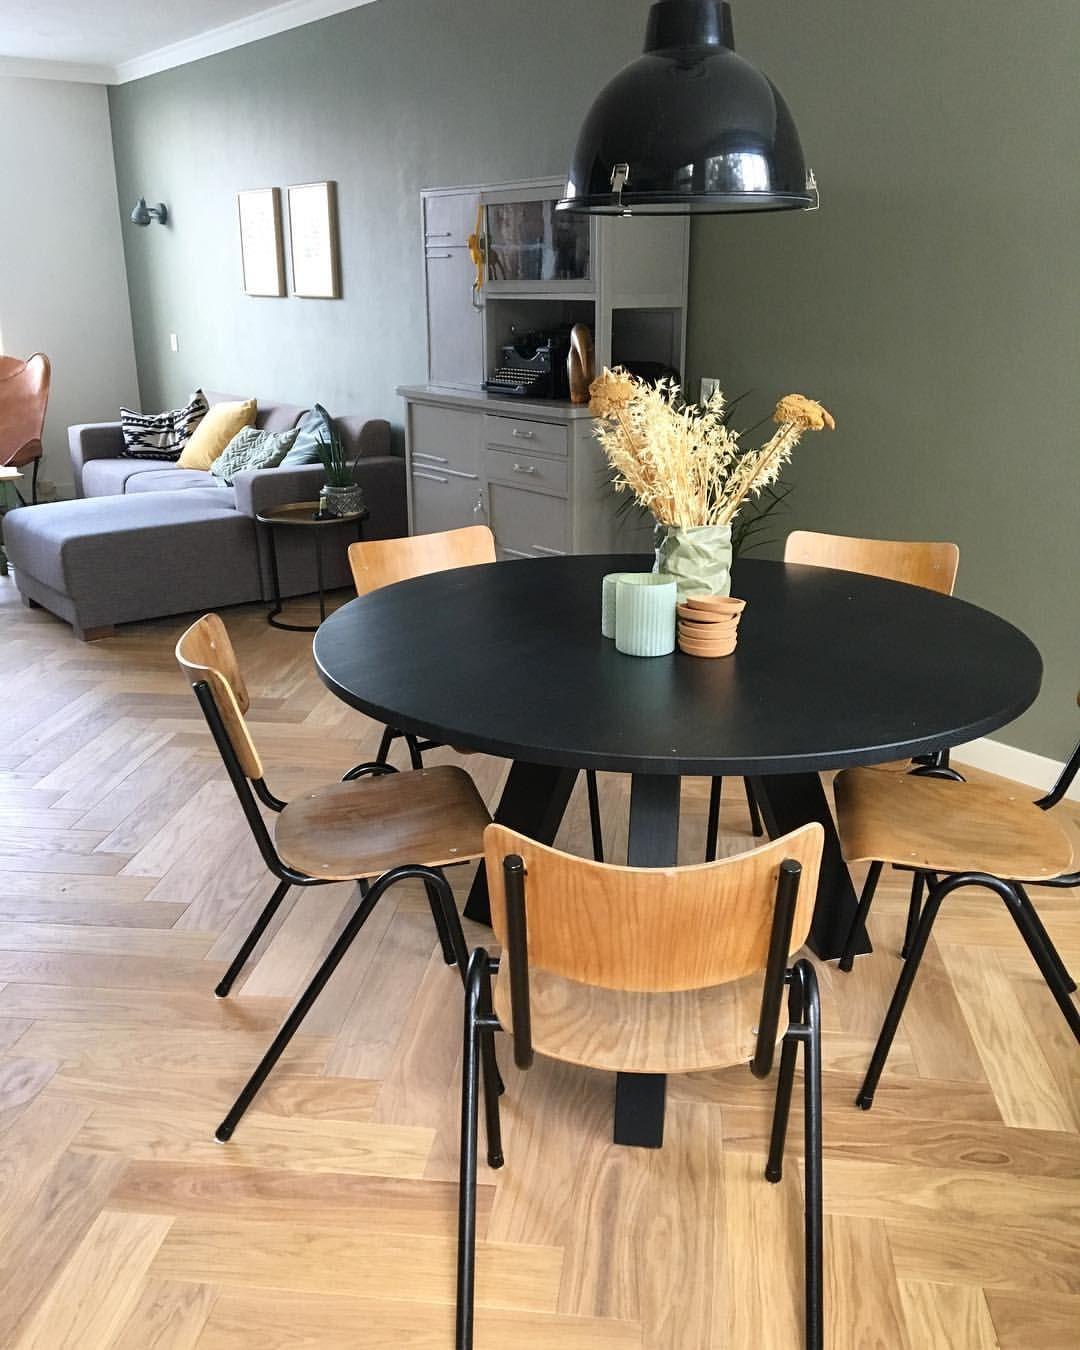 Fijne Eethoek Stoelen.Round Dinner Table Ronde Eettafel Houten Stoelen Wooden Chairs